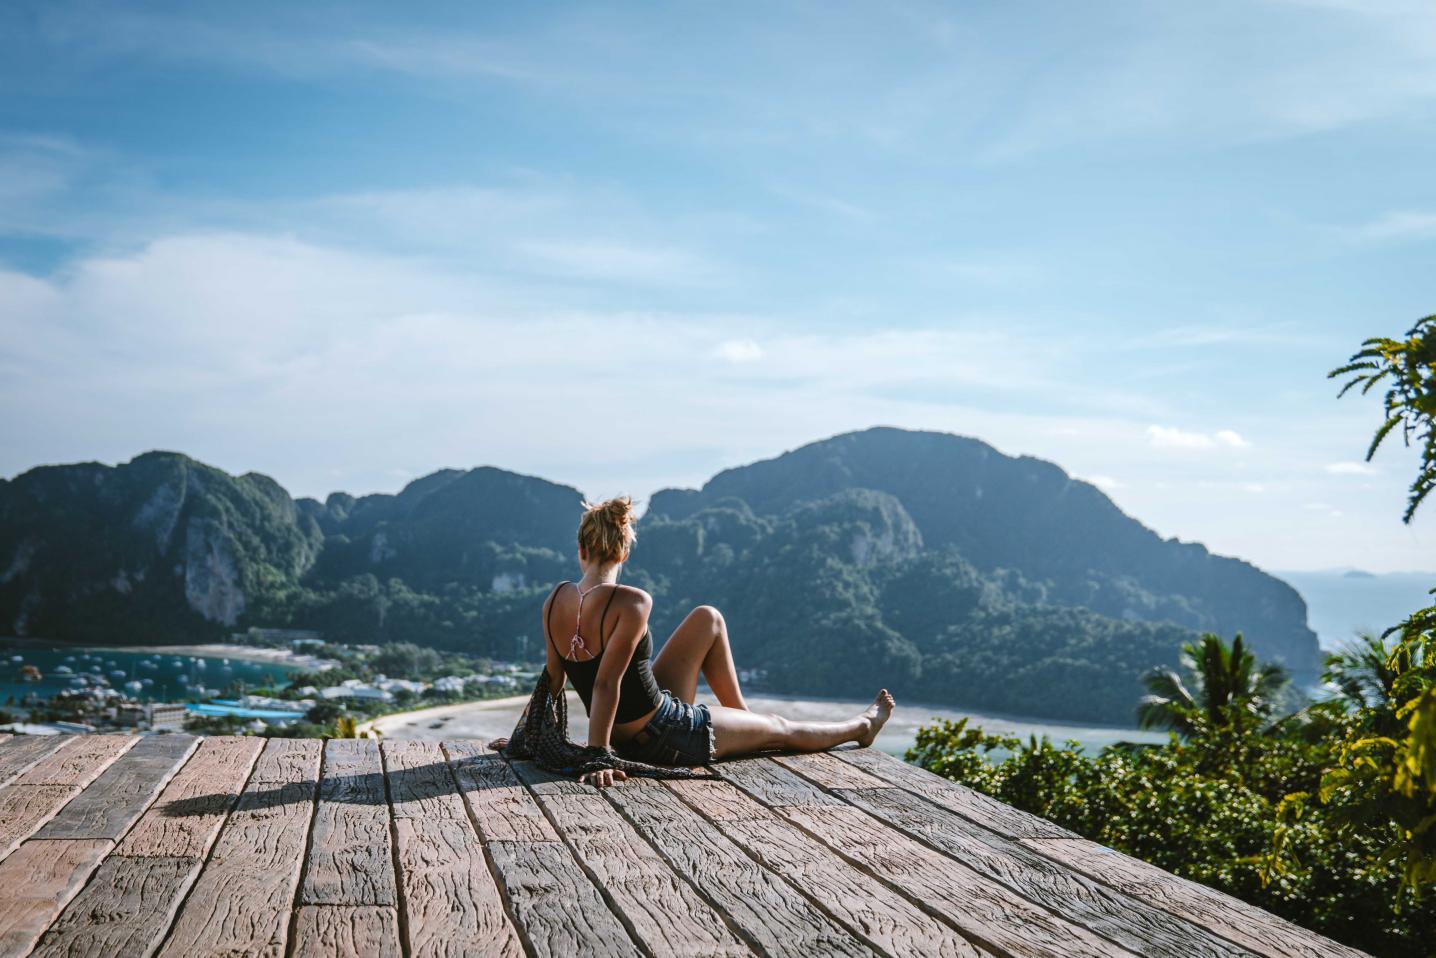 Voyager en solo : tout ce qu'il faut savoir avant de partir